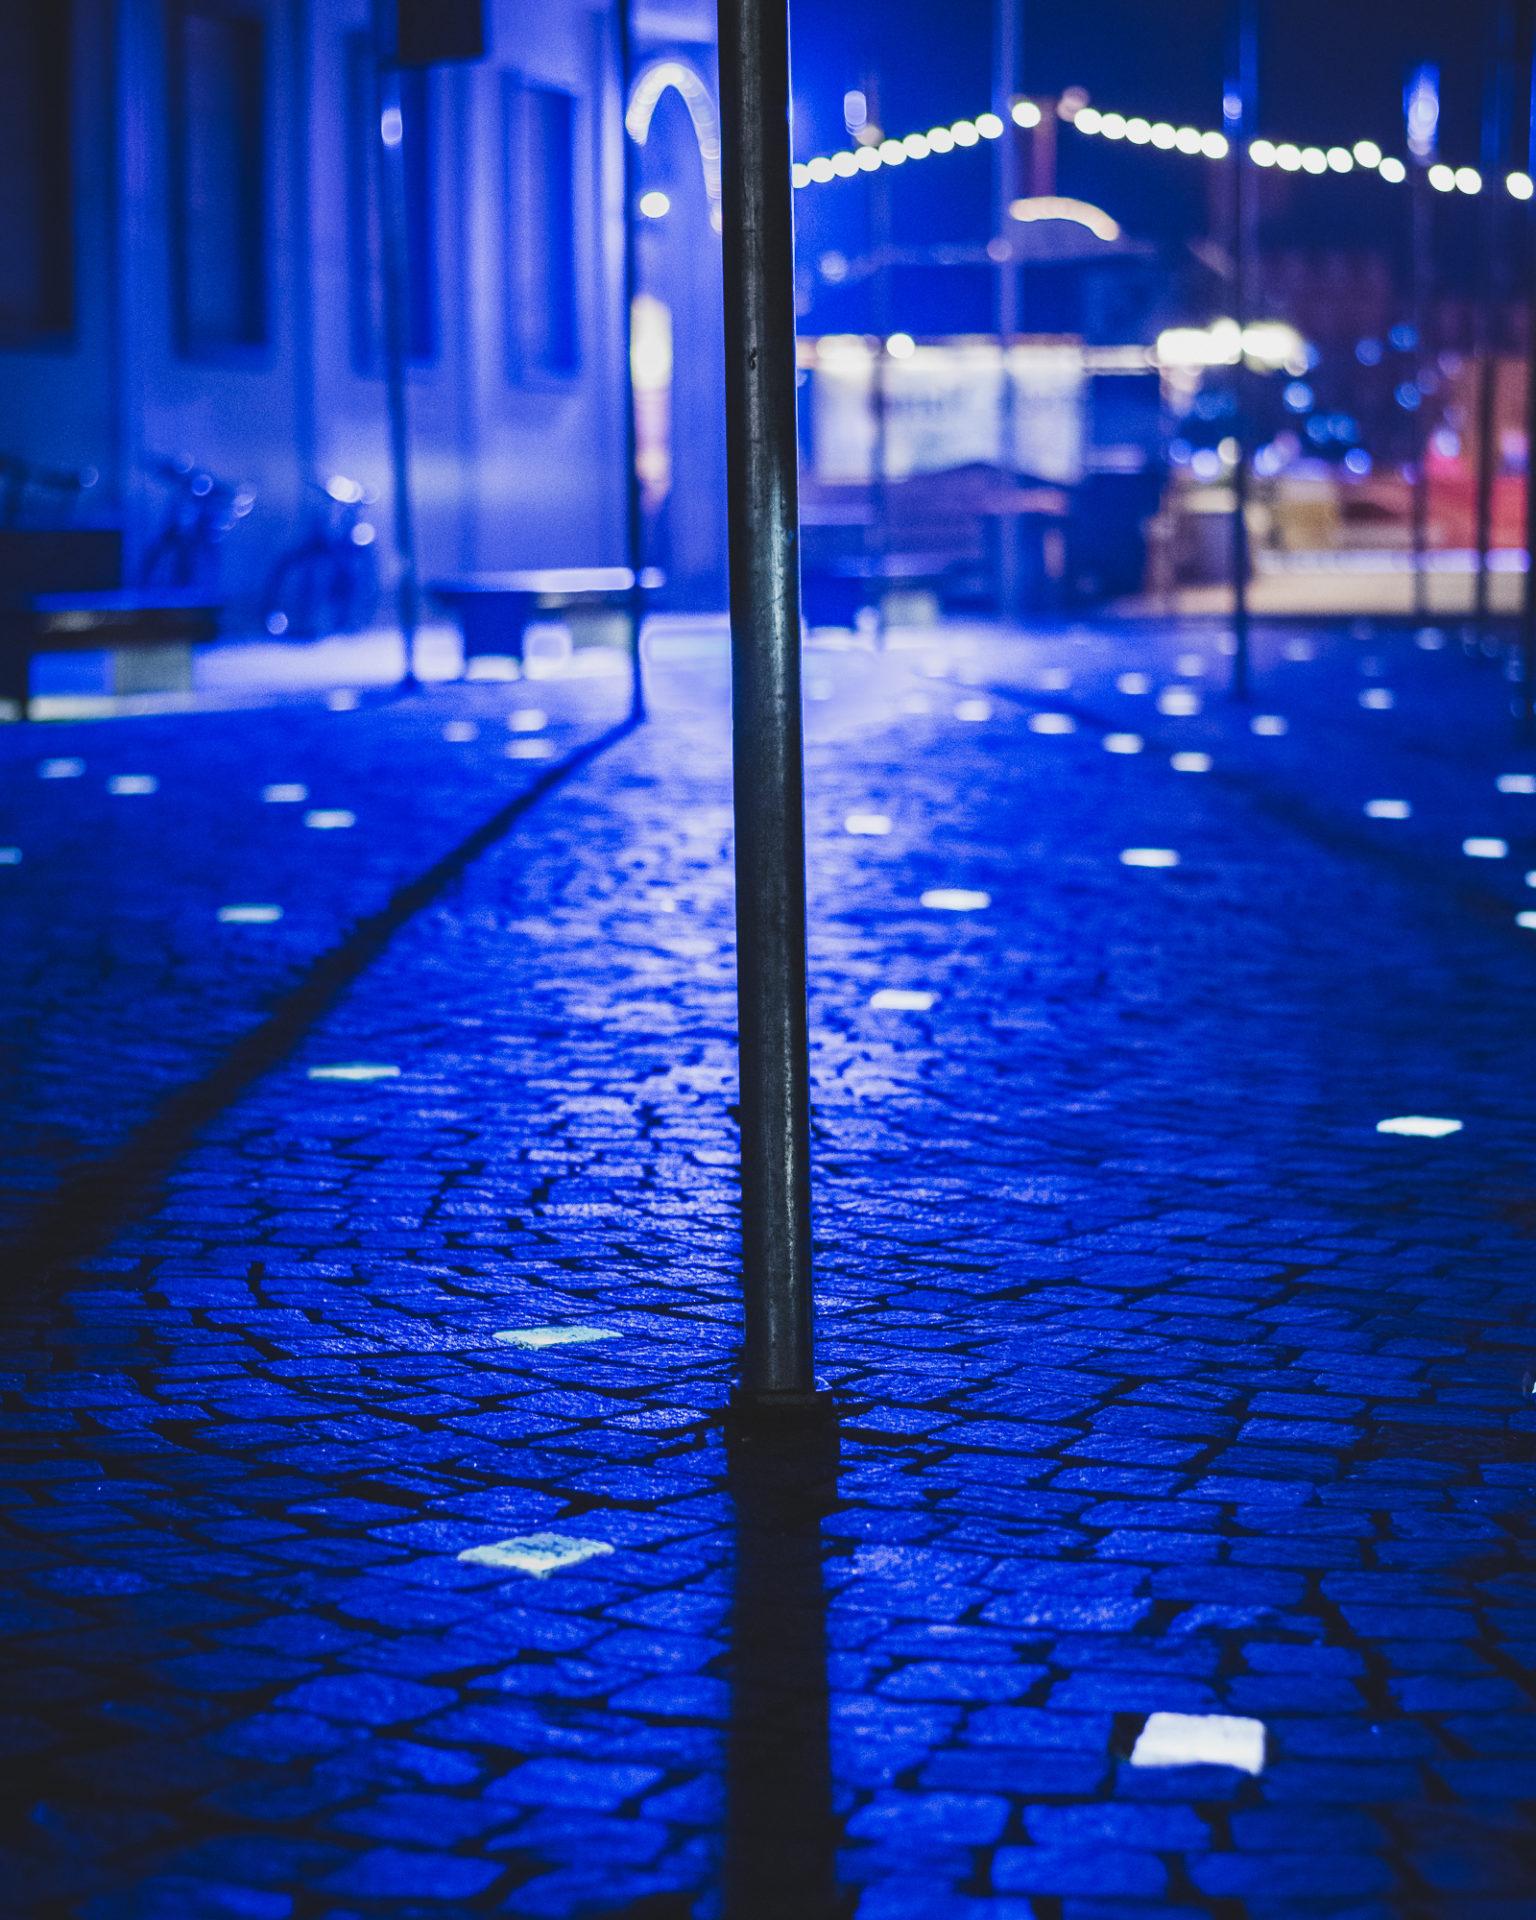 Aufnahme von blauen Lichtern, Stangen und Kopfsteinpflaster mit teils beleuchteten Steinen